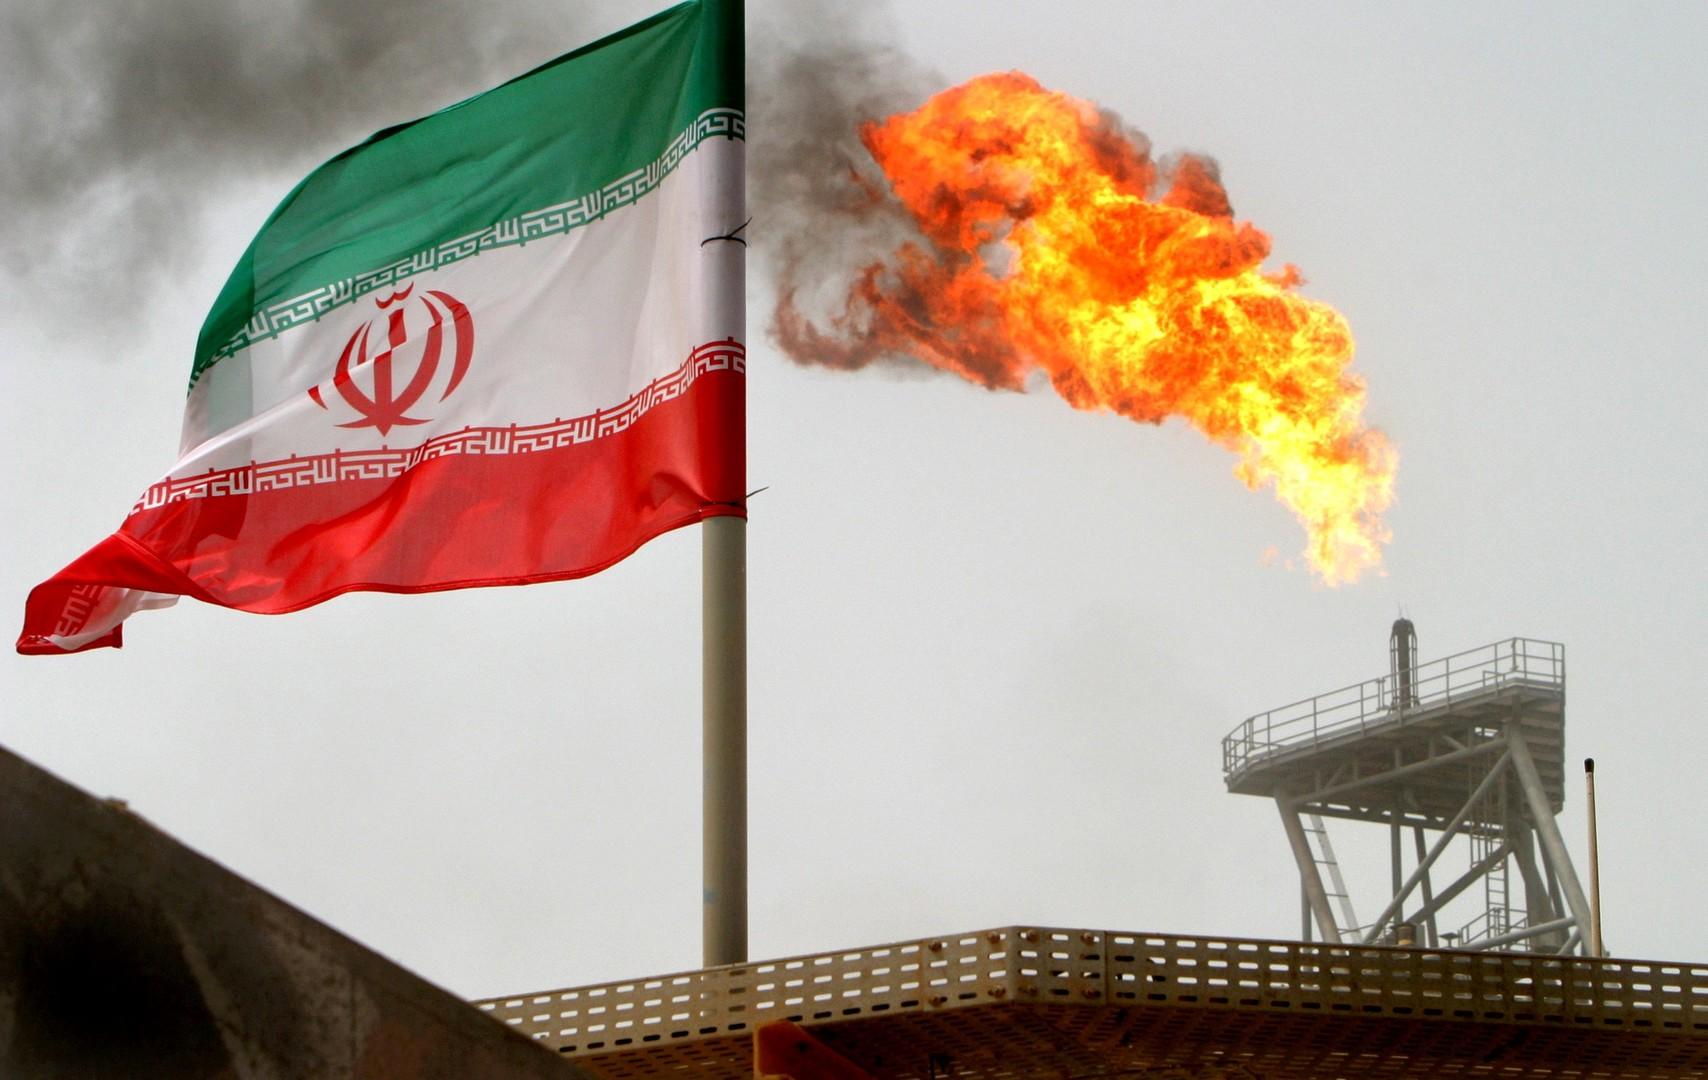 المركزي الإيراني: المفاوضات مستمرة مع باريس لرهن النفط مقابل 15 مليار دولار